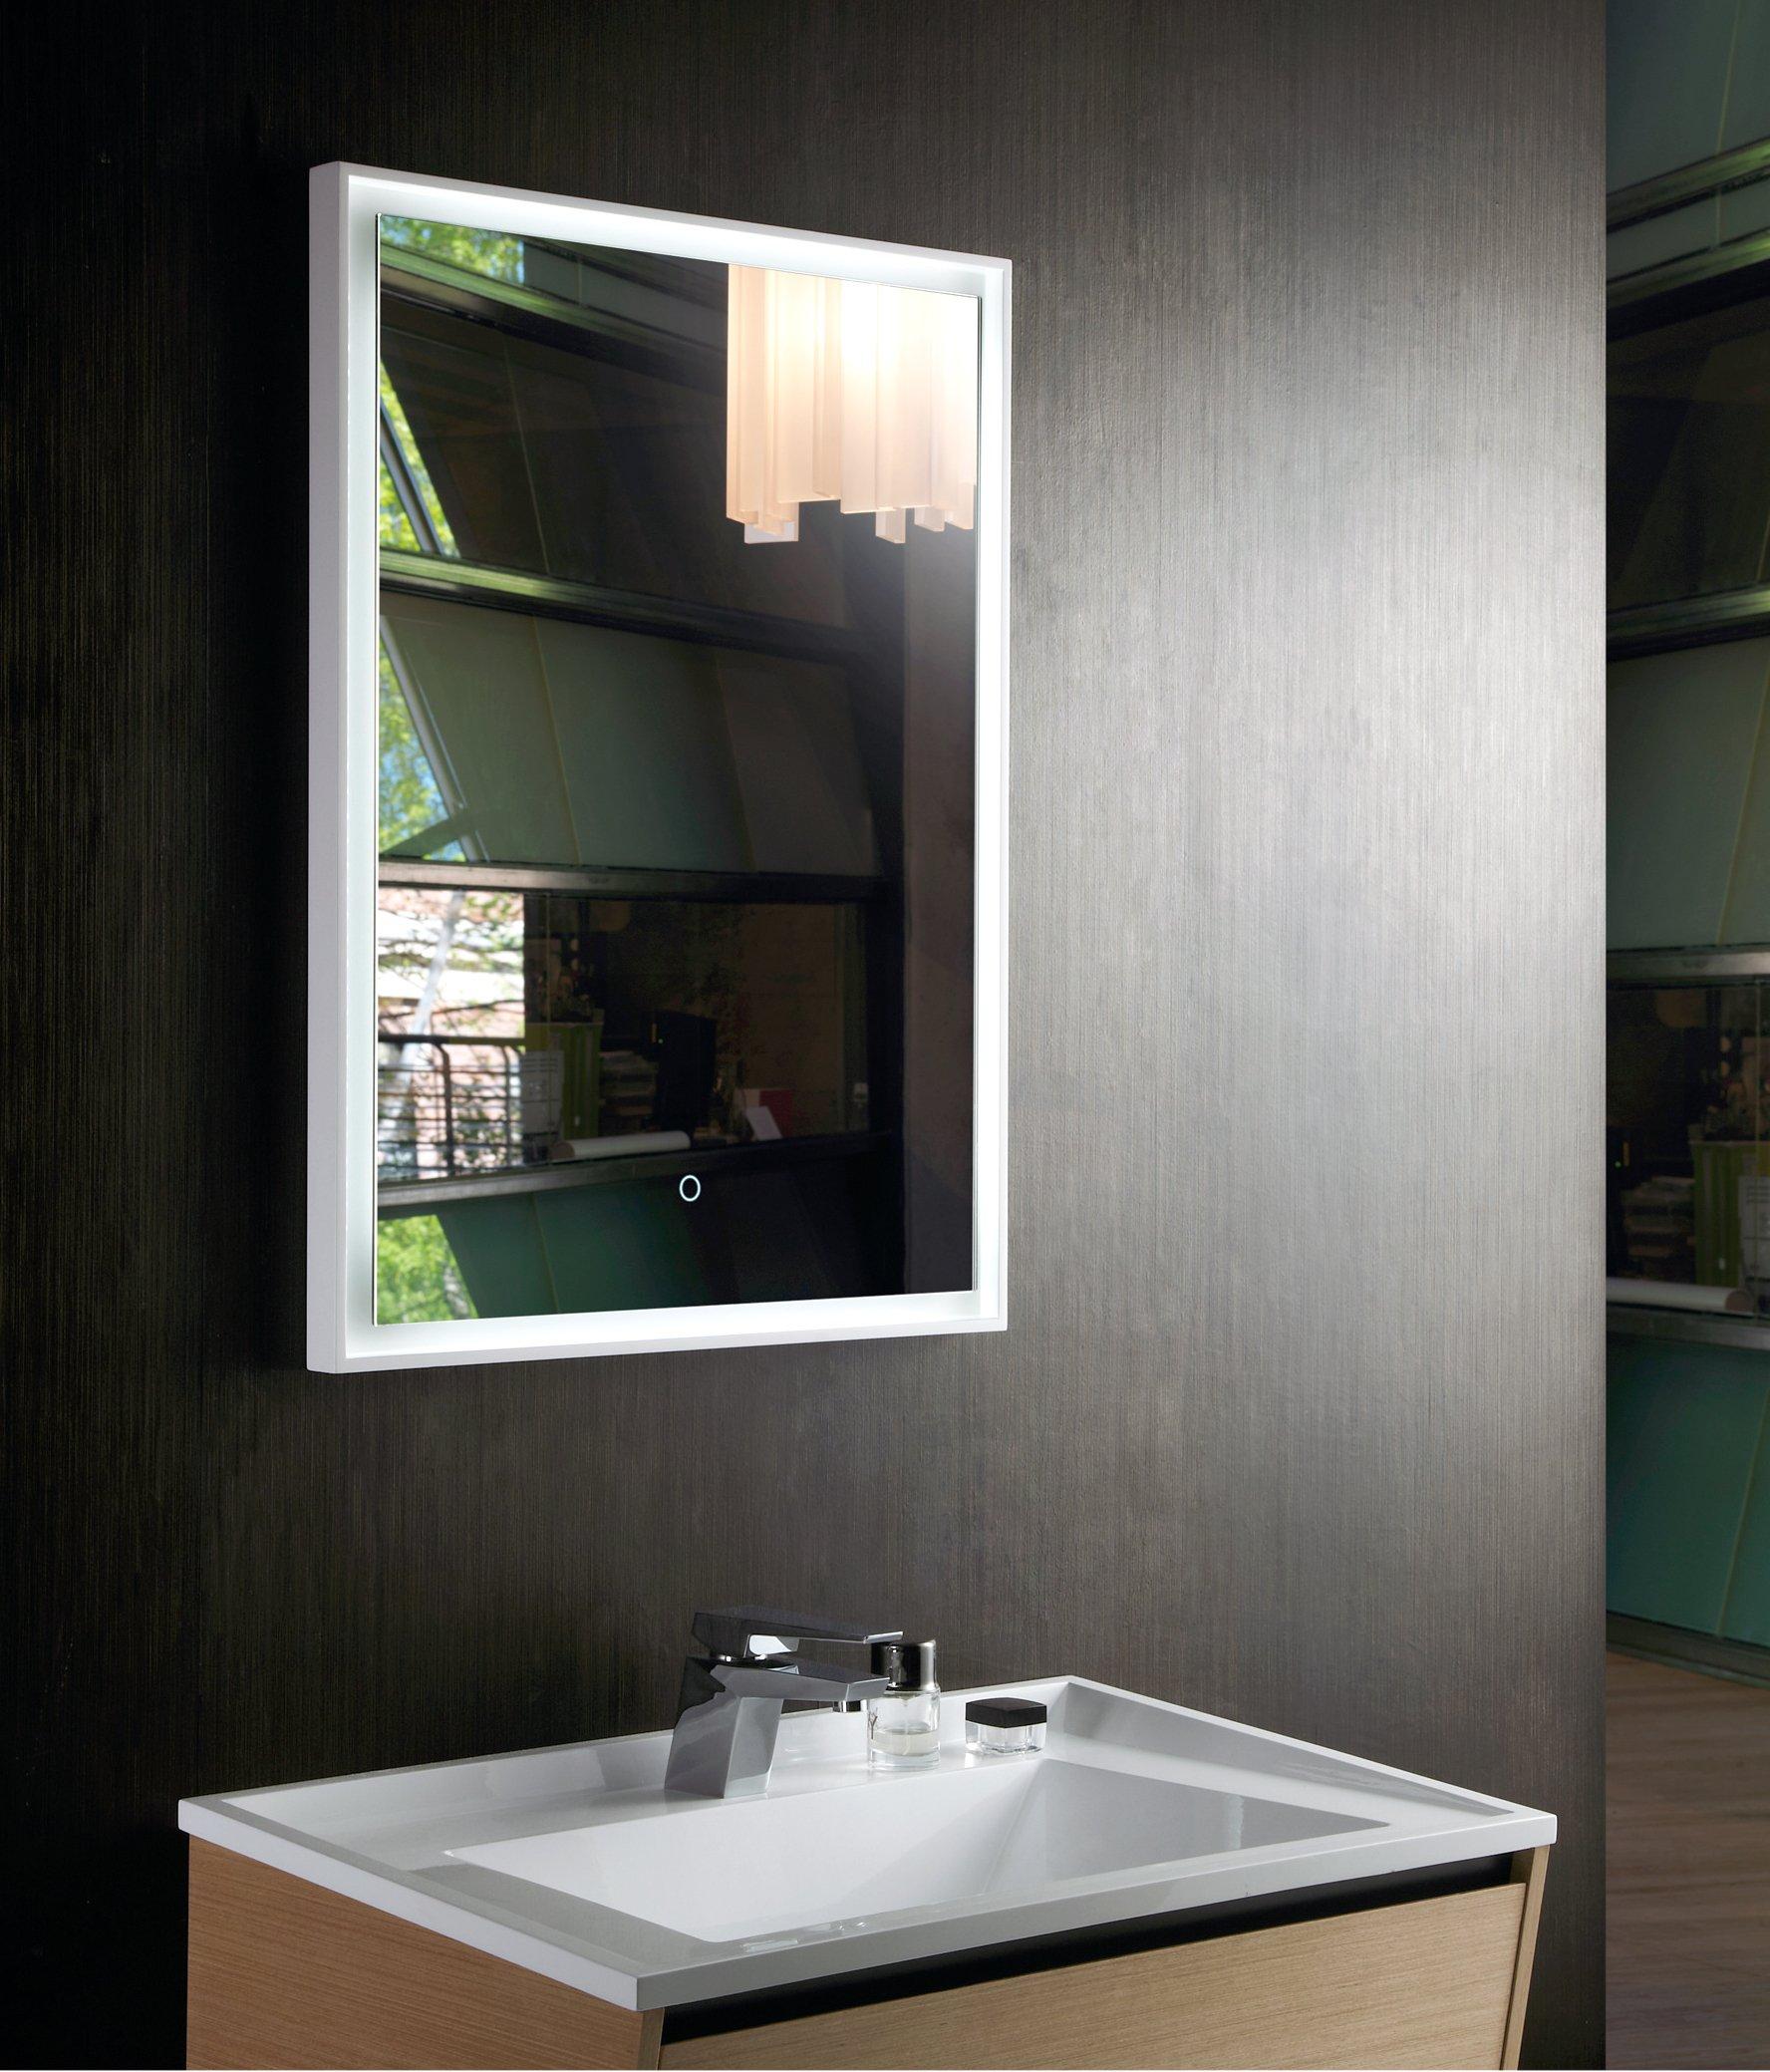 LED Lichtspiegel Badspiegel 2115 - Breite wählbar zoom thumbnail 4